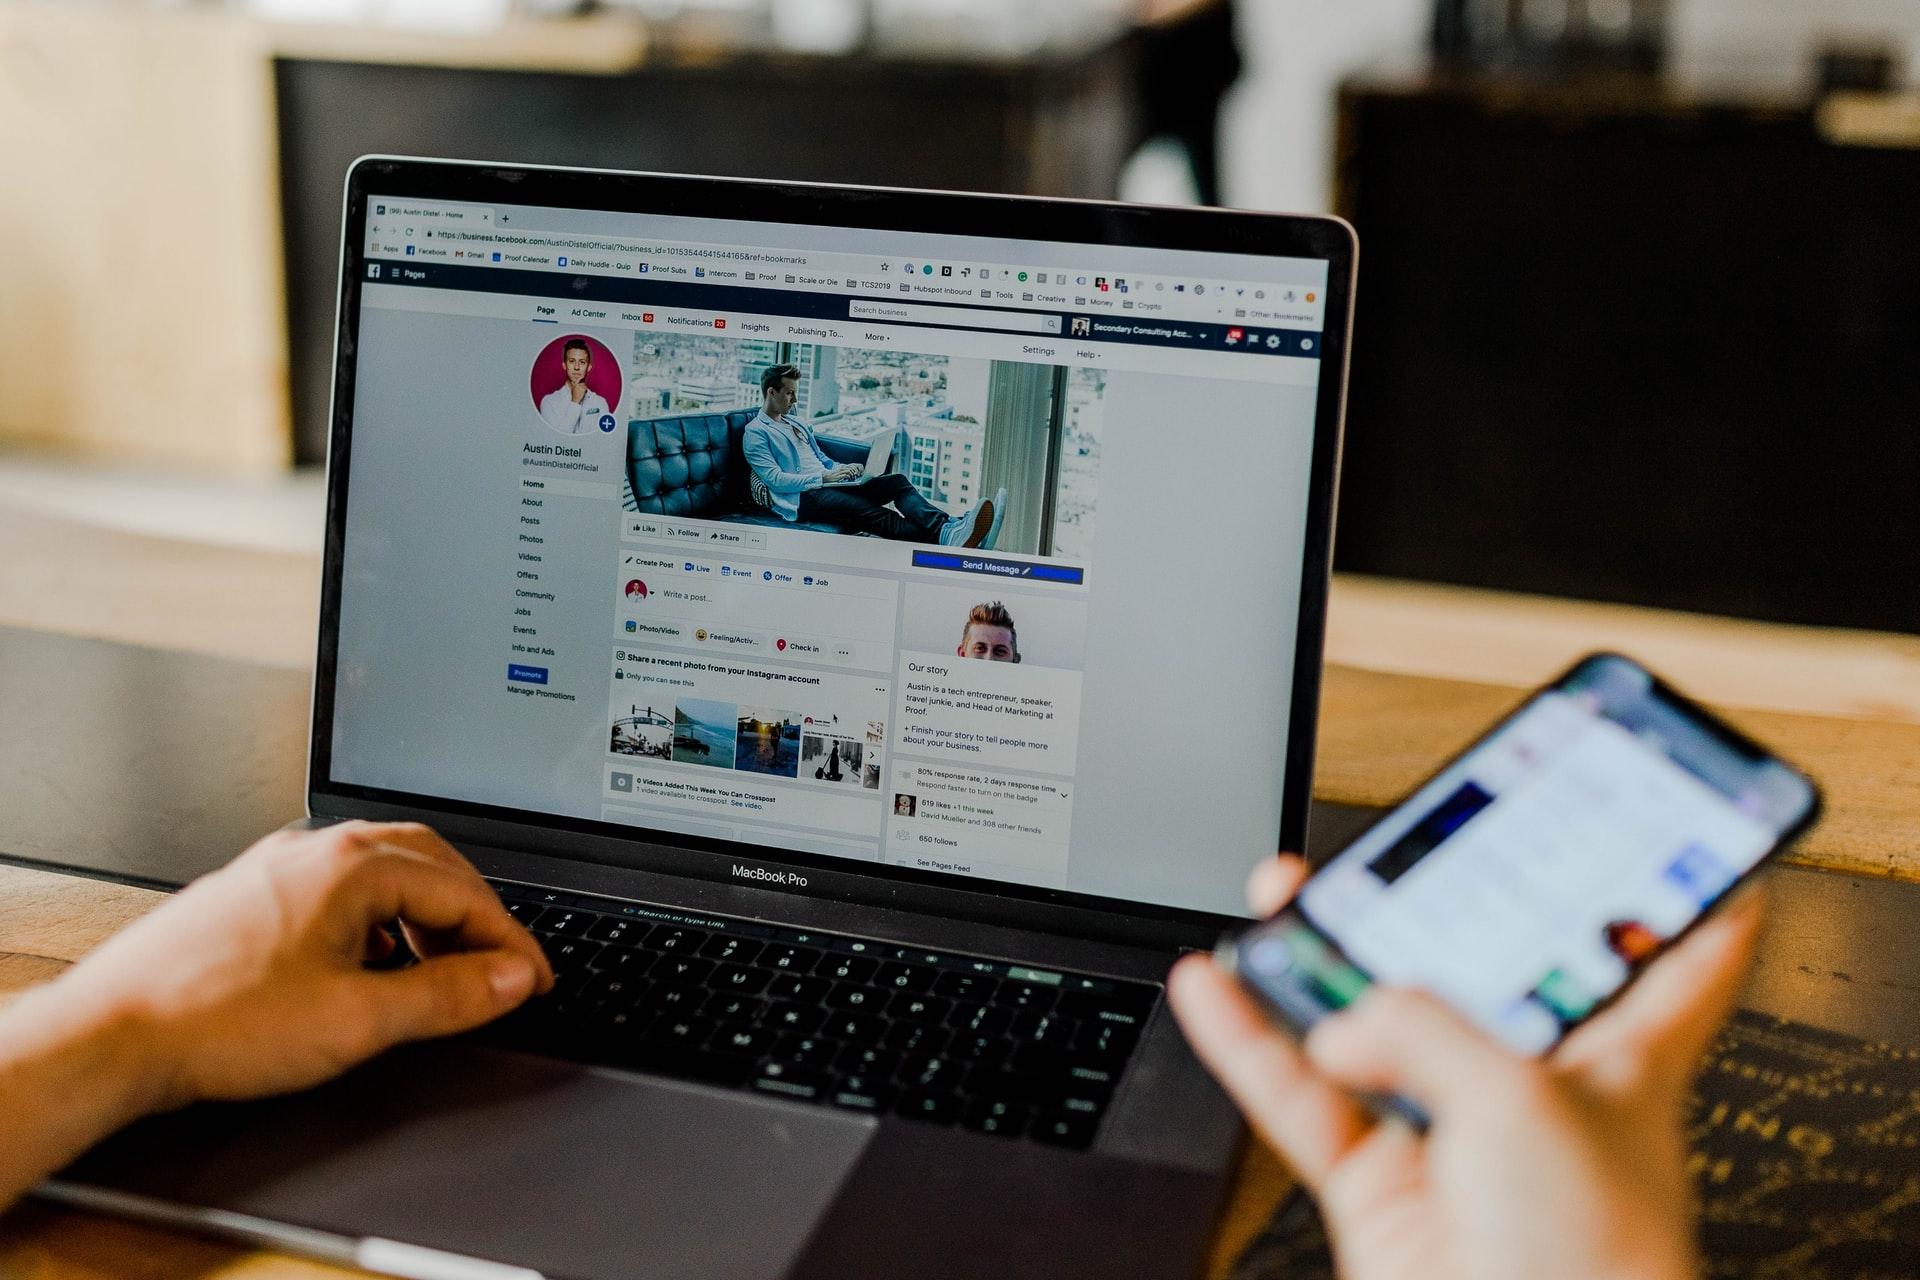 Protección de datos y redes sociales: ¿cómo casan ambos factores?